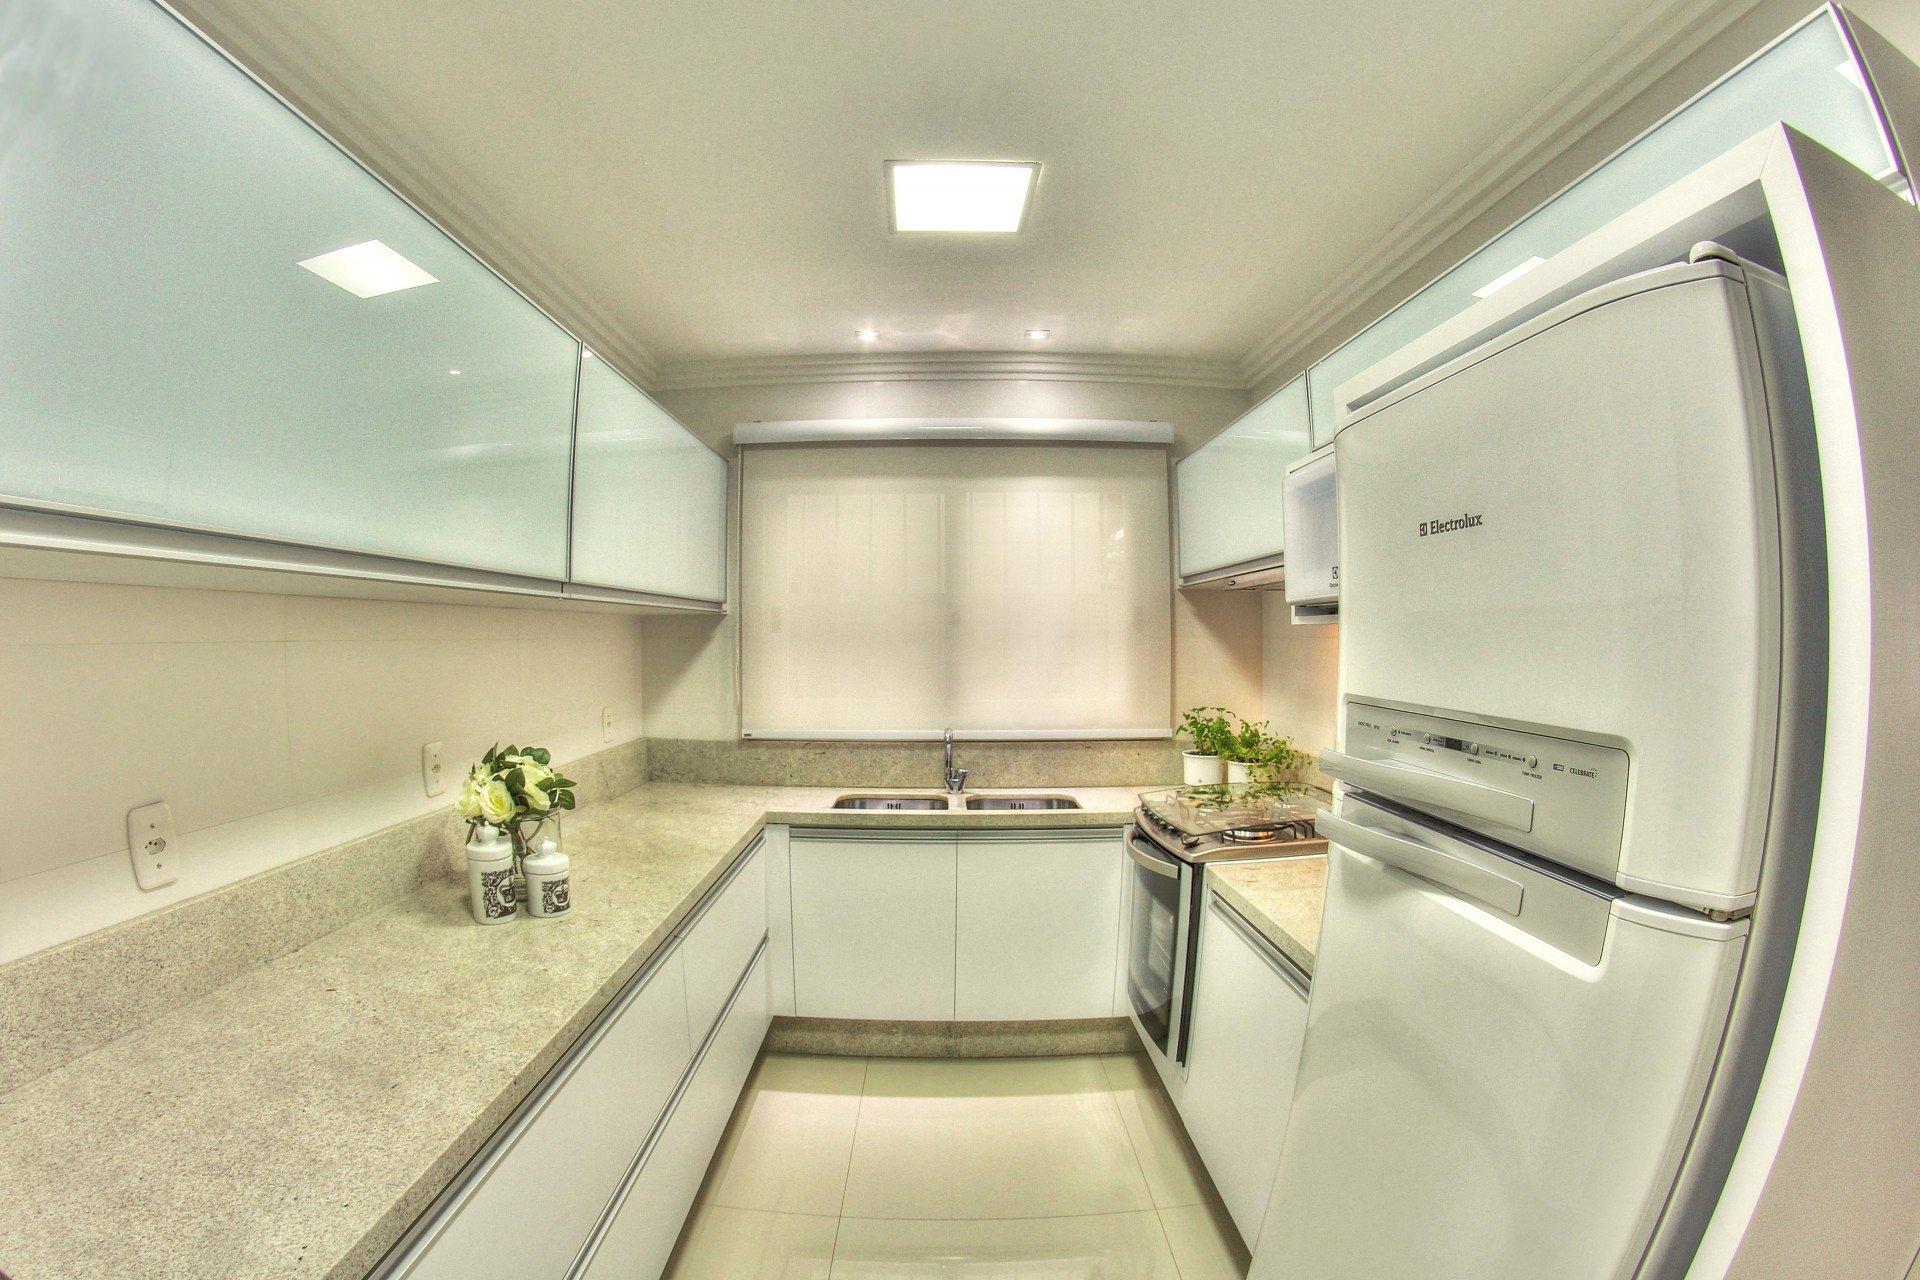 brancos para os pequenos espaços Aposte nos móveis brancos para  #505D32 1920 1280